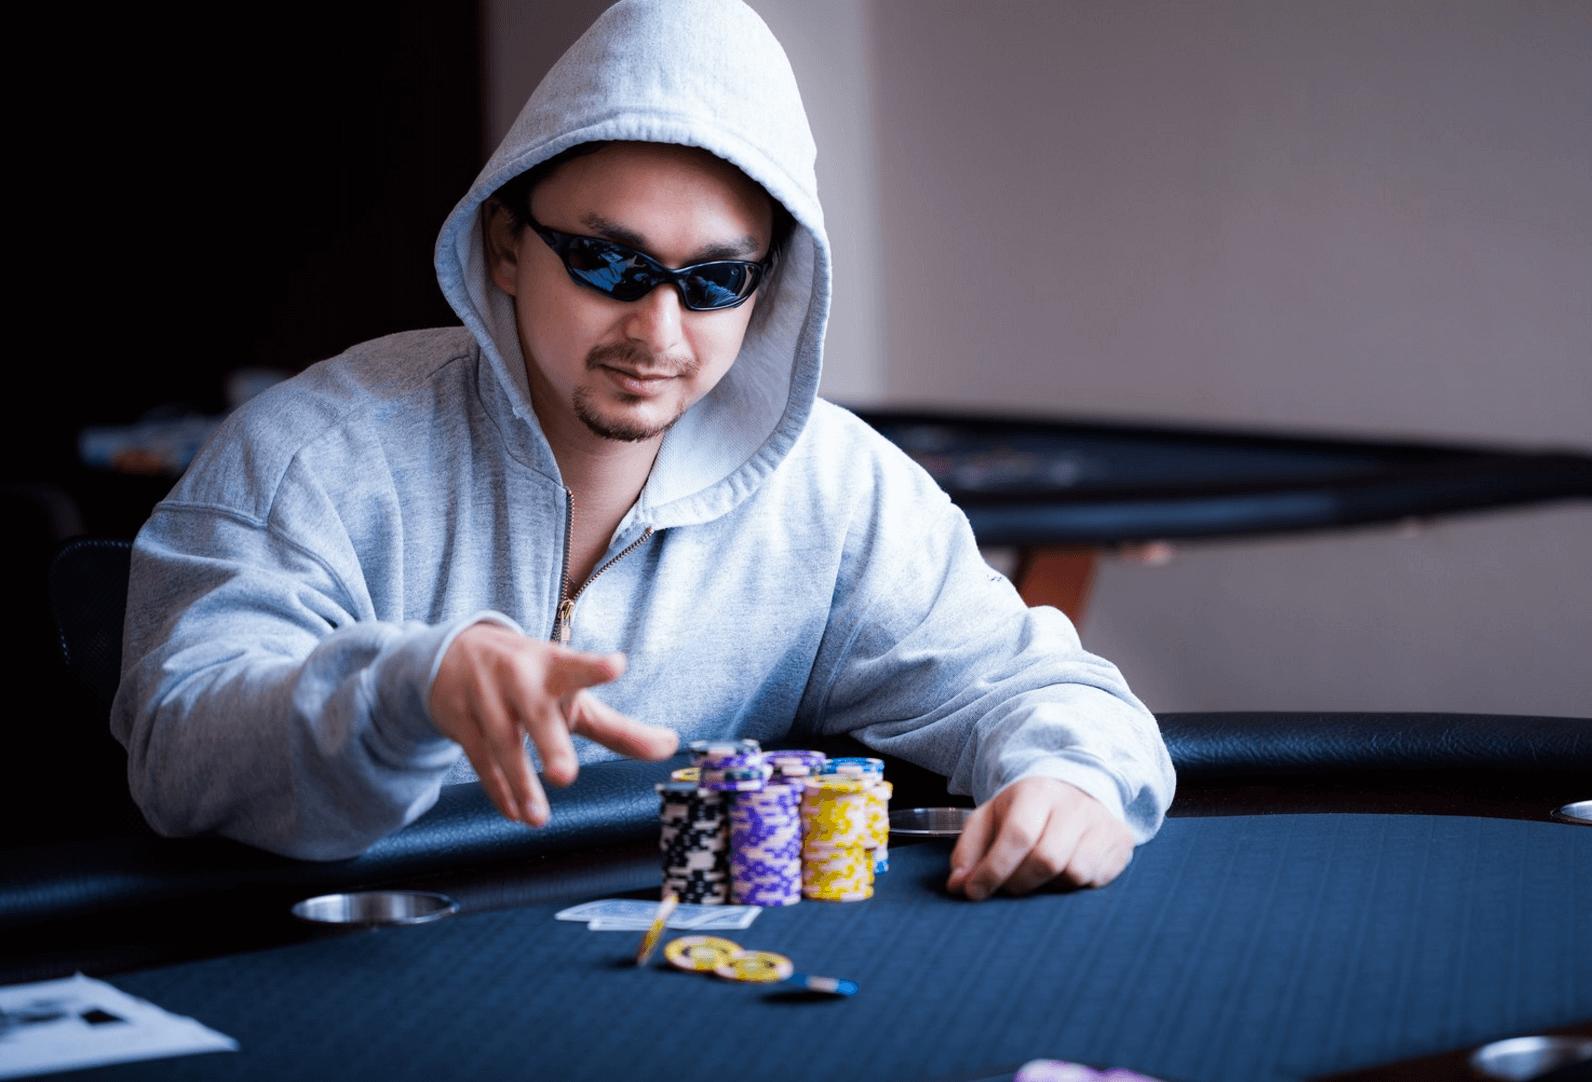 ポーカーでも投資でも必ずカモになってしまう人の特徴とは?